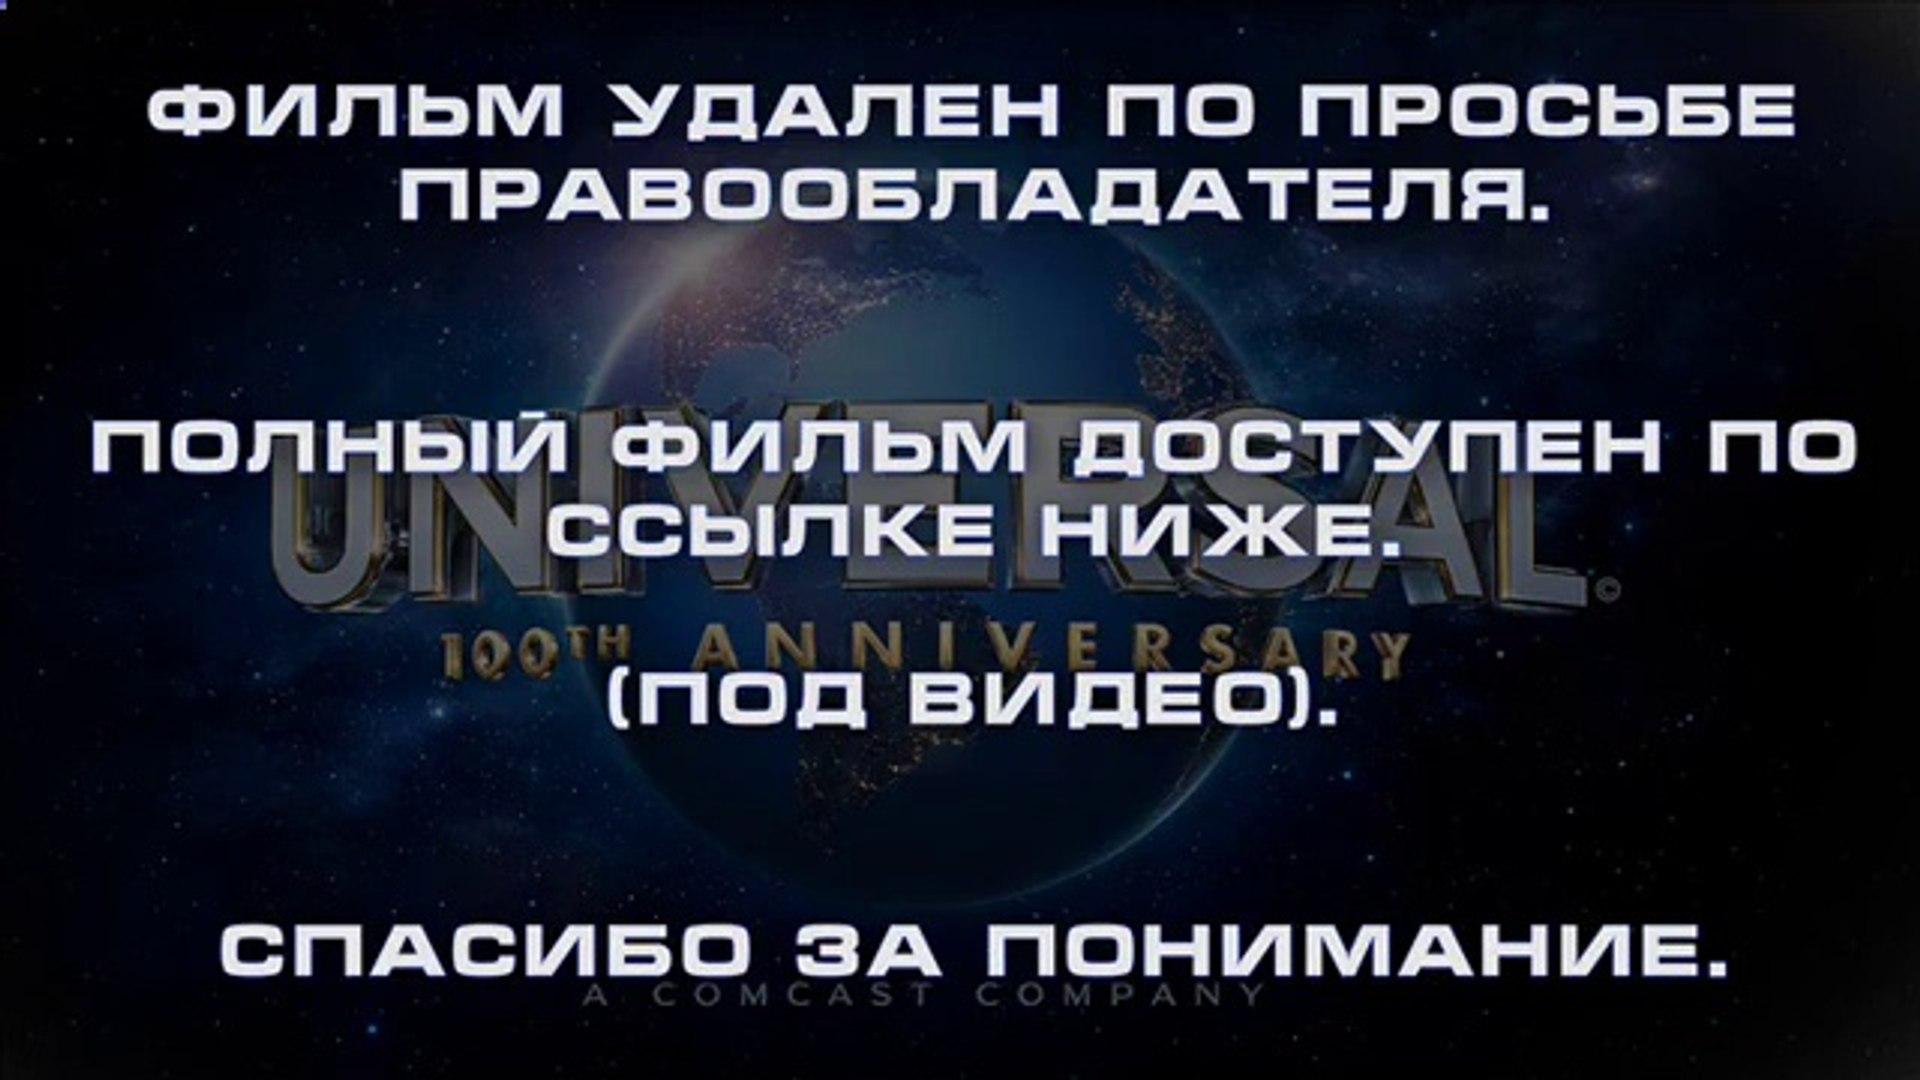 Тупой и еще тупее2 смотреть онлайн фильм в хорошем качестве без регистрации